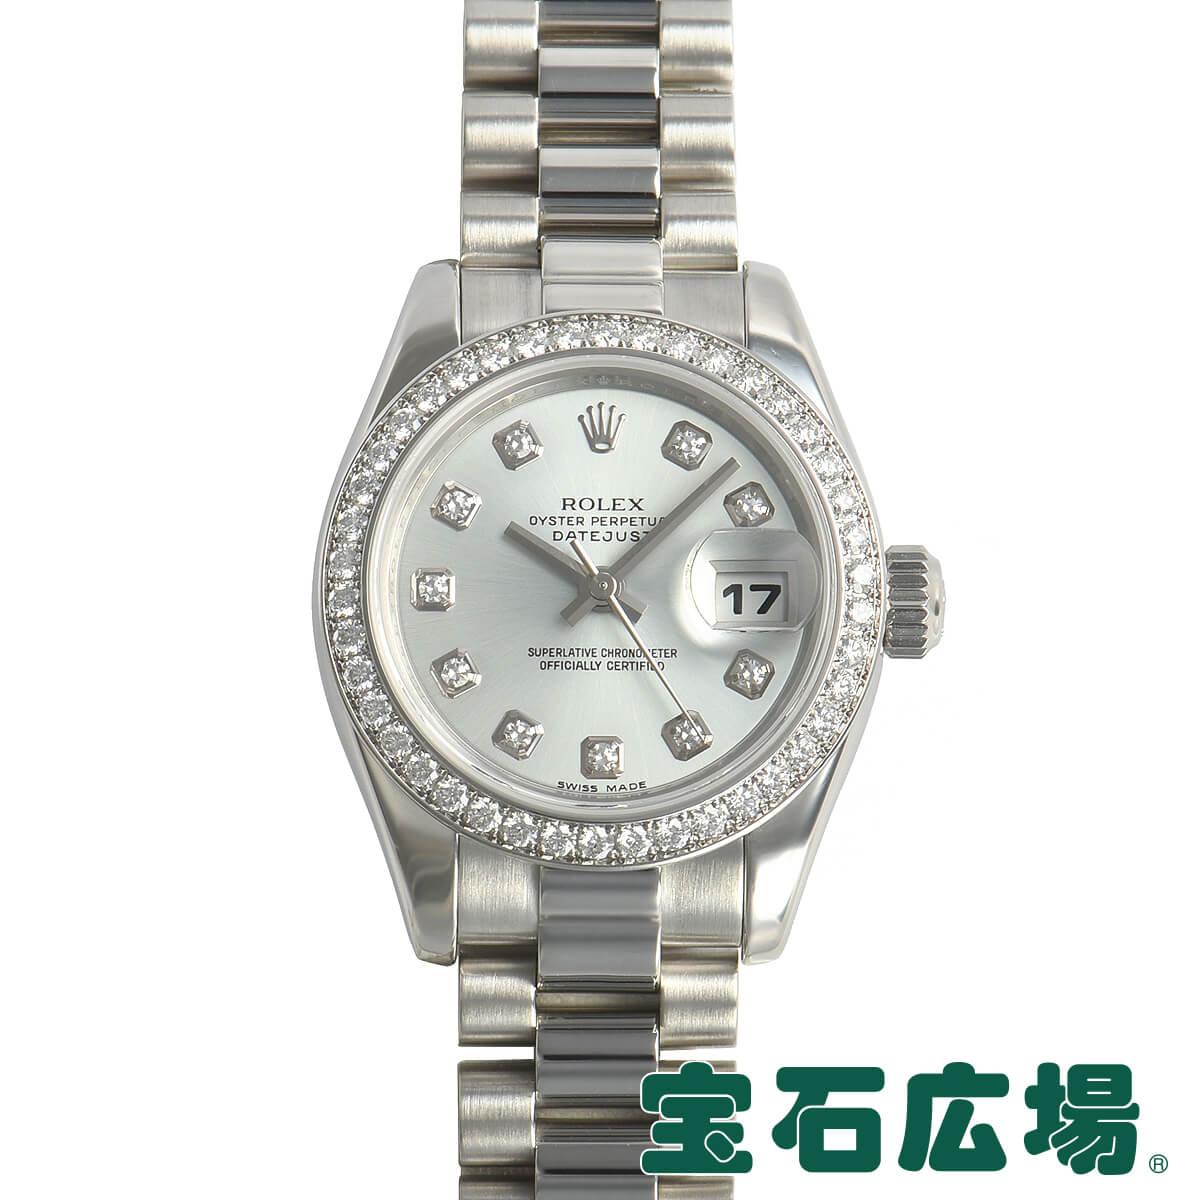 ロレックス ROLEX デイトジャスト 179136G【中古】レディース 腕時計 送料・代引手数料無料